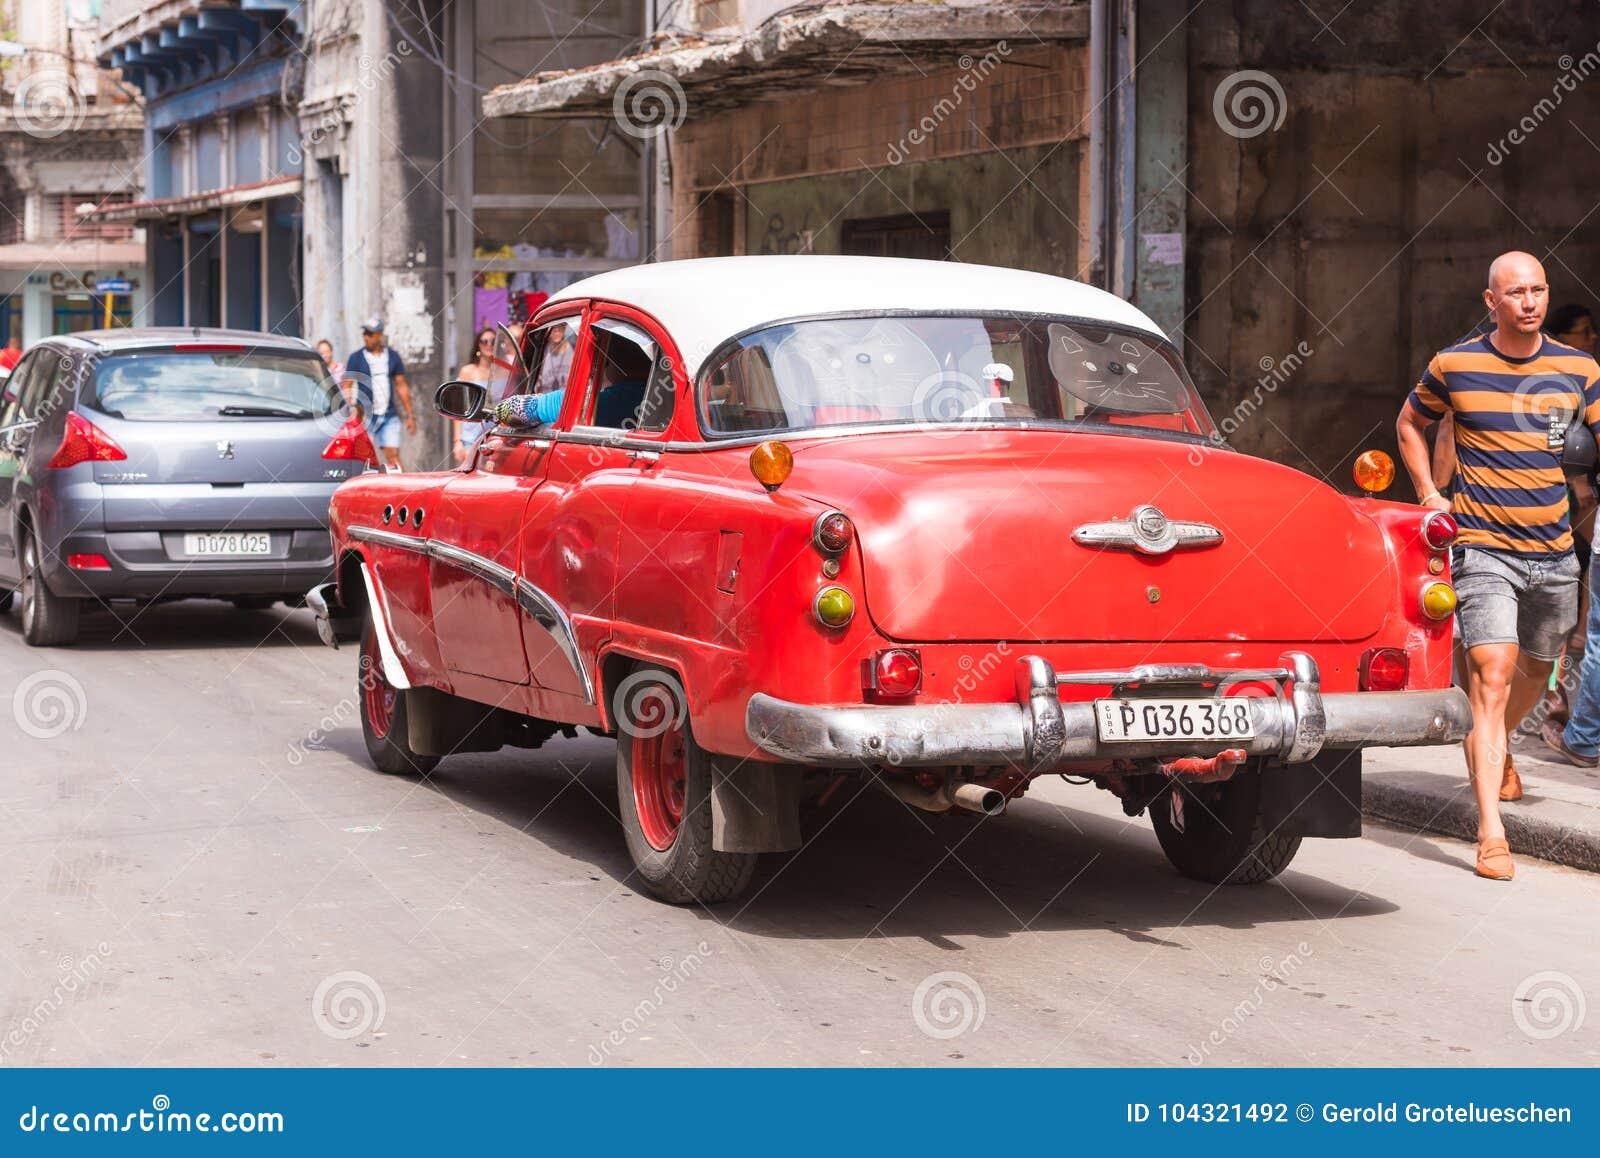 古巴,哈瓦那- 2017年5月5日:在城市街道上的红色美国减速火箭的汽车 复制文本的空间 回到视图